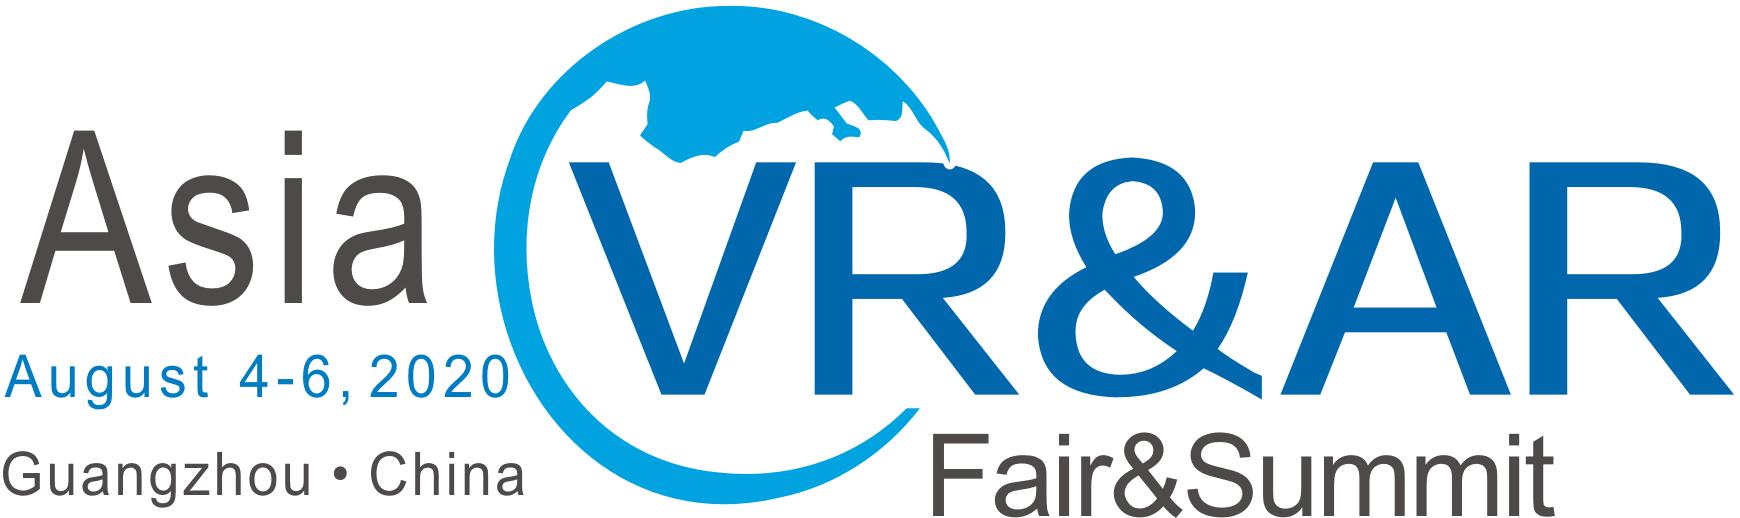 2020 Asia VR & AR Fair & Summit